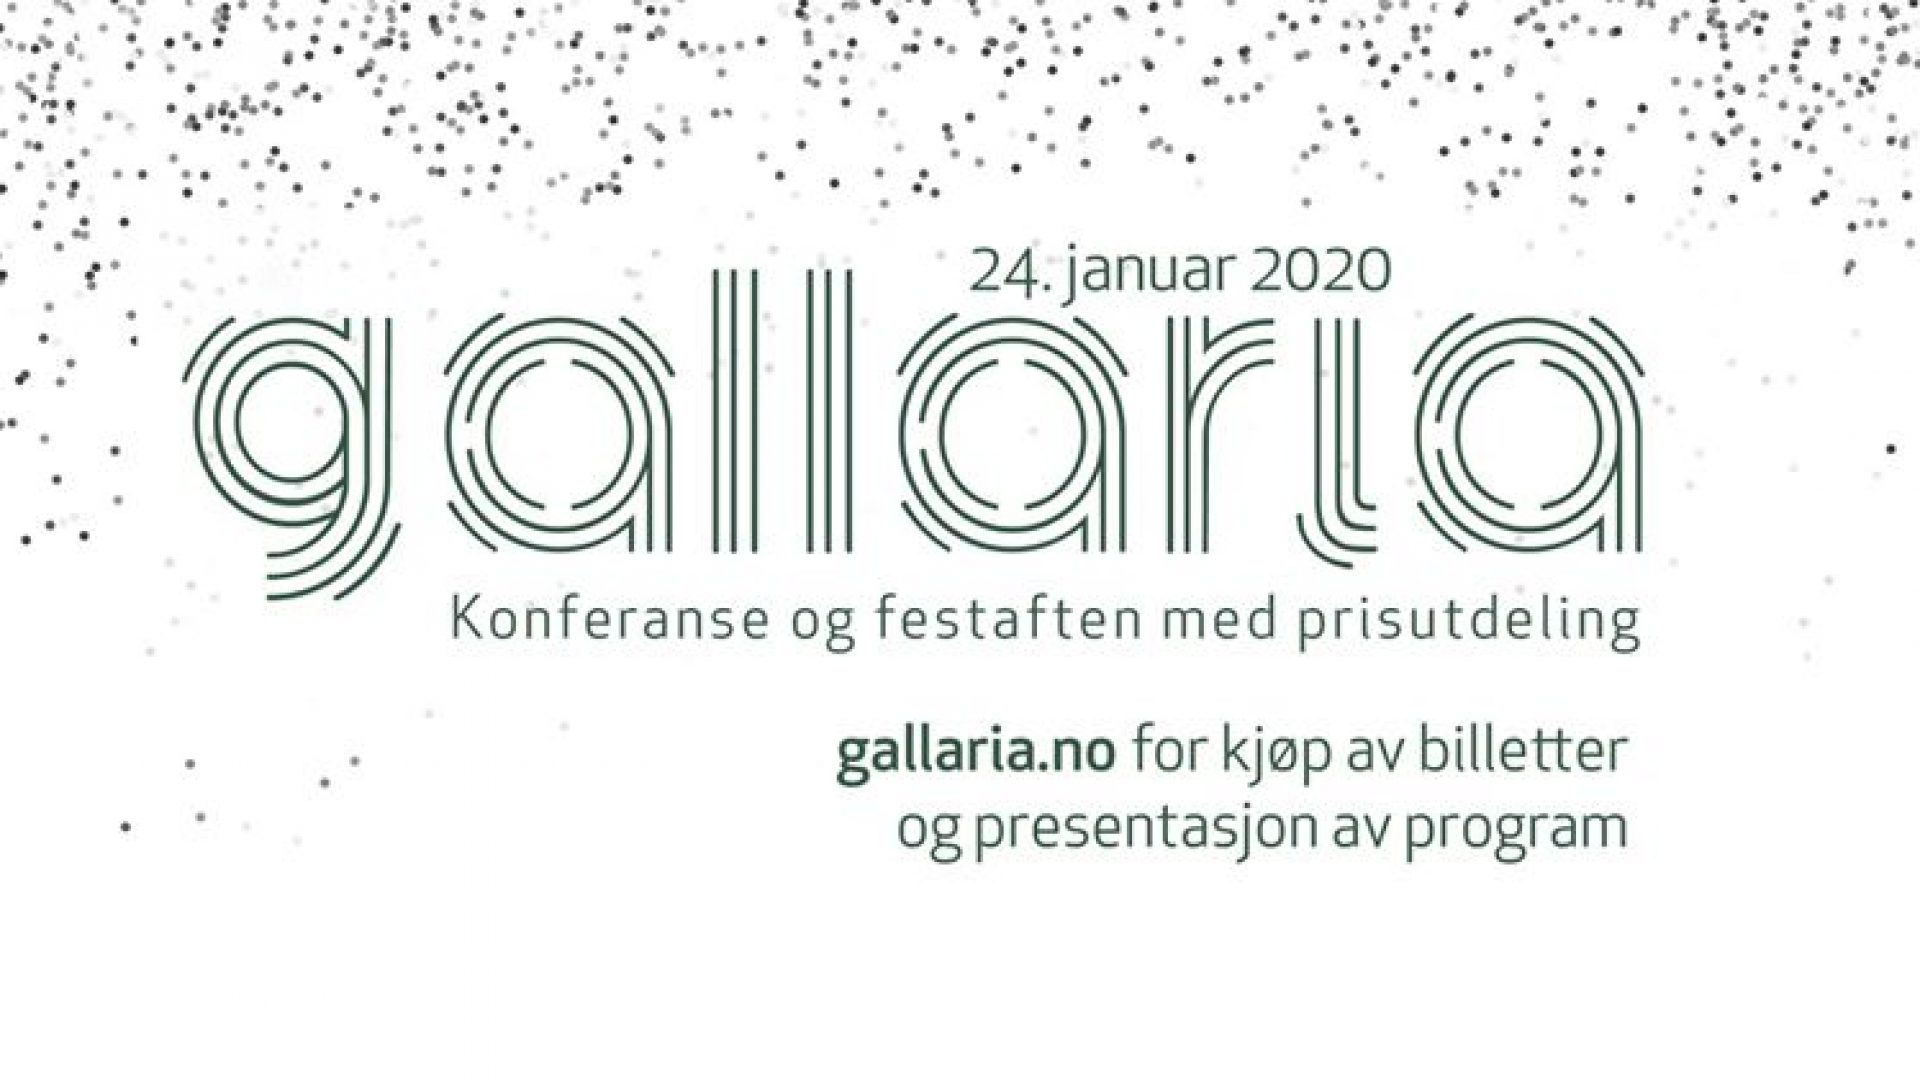 Gallaria